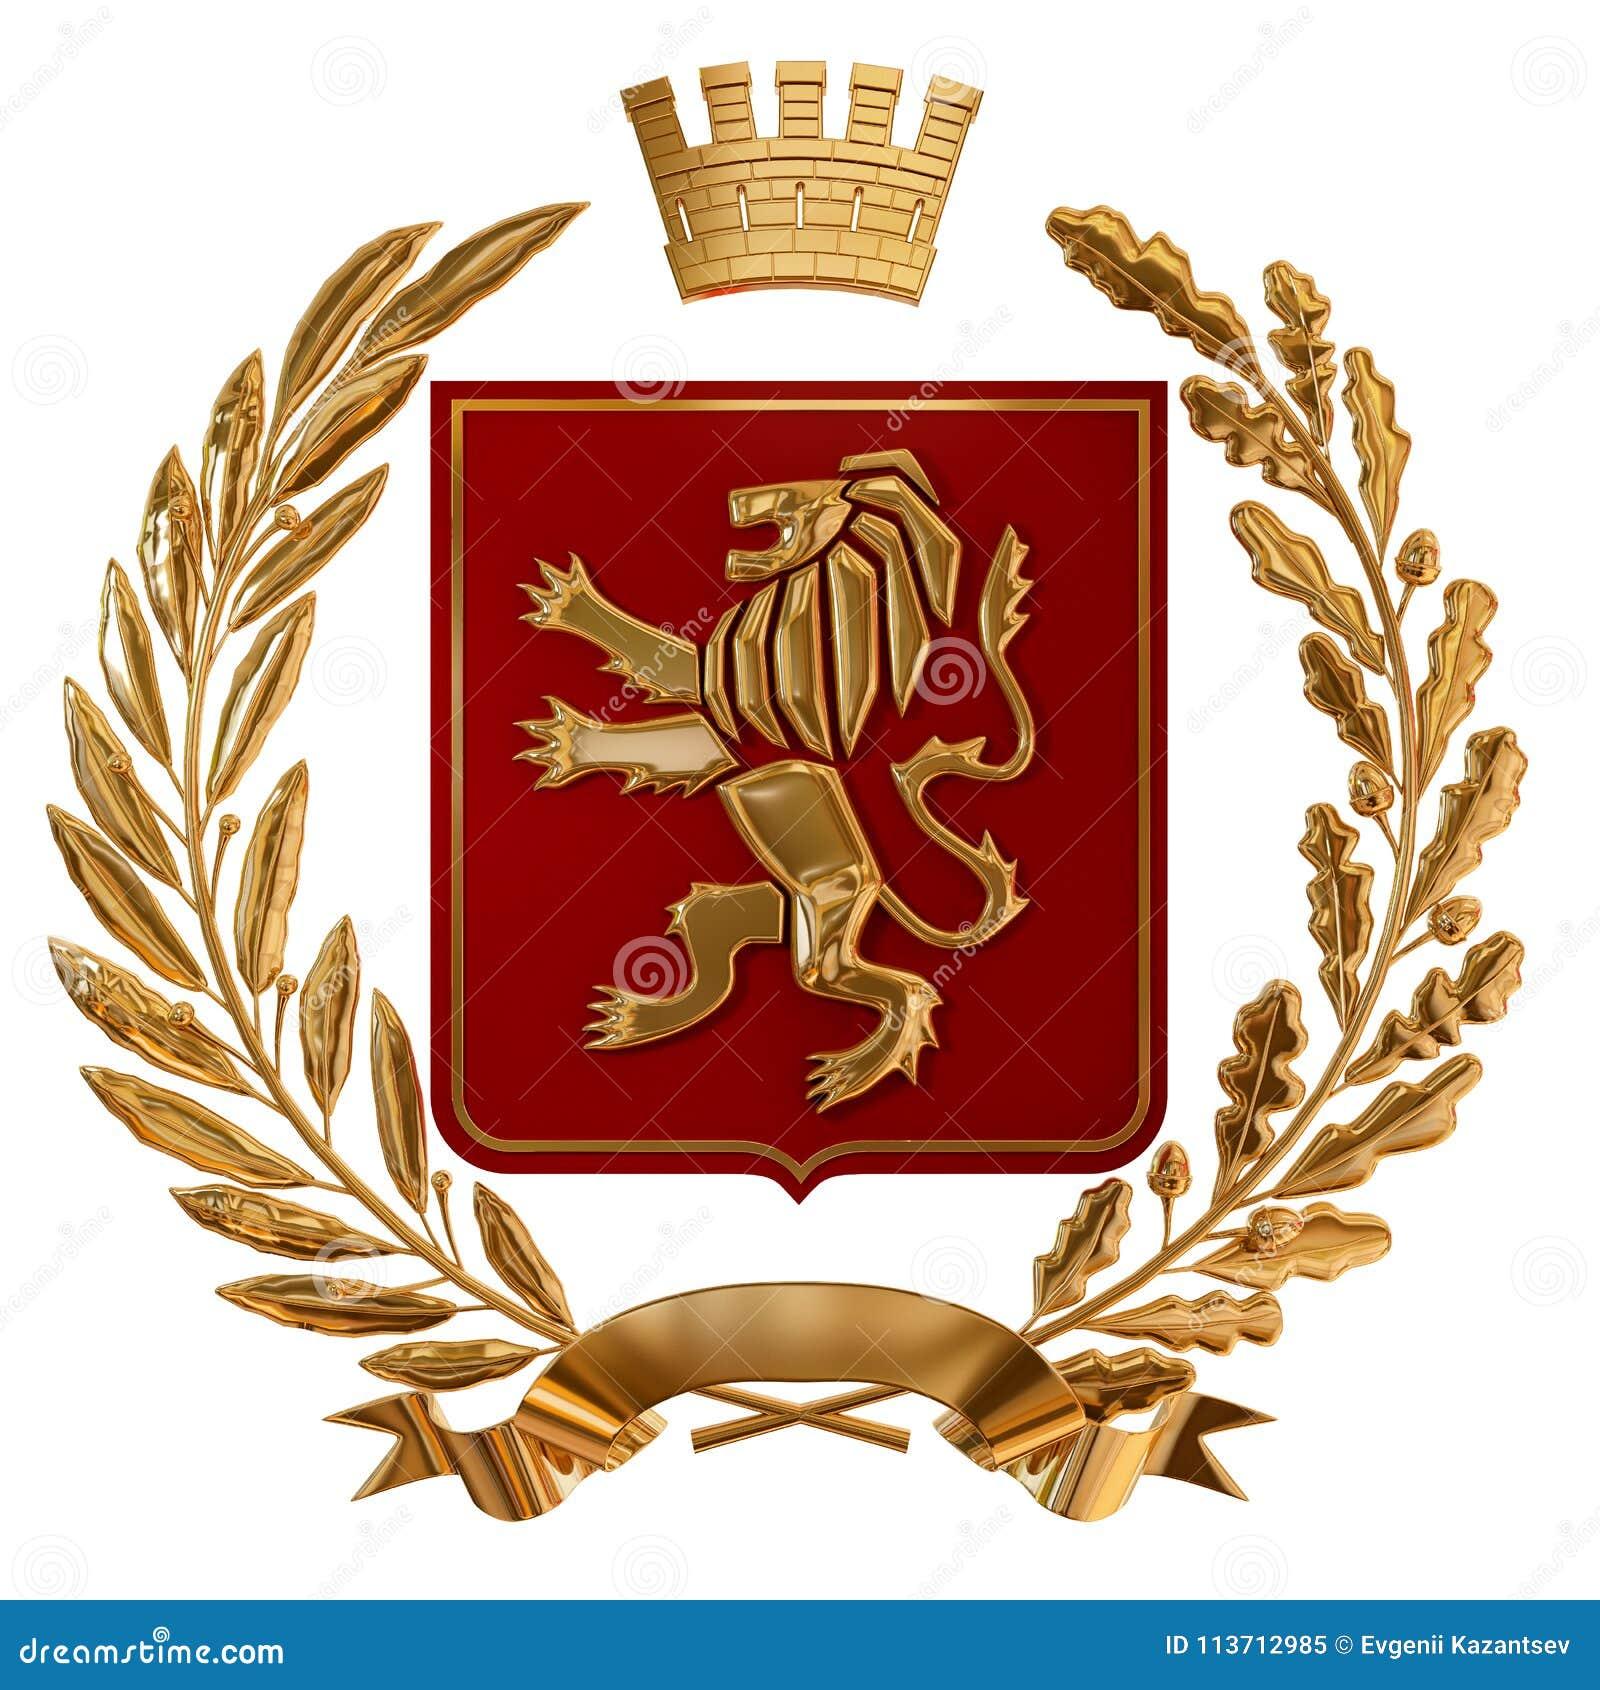 3D例证纹章,红色徽章 金黄橄榄树枝,橡木分支,冠,盾,狮子 Isolat